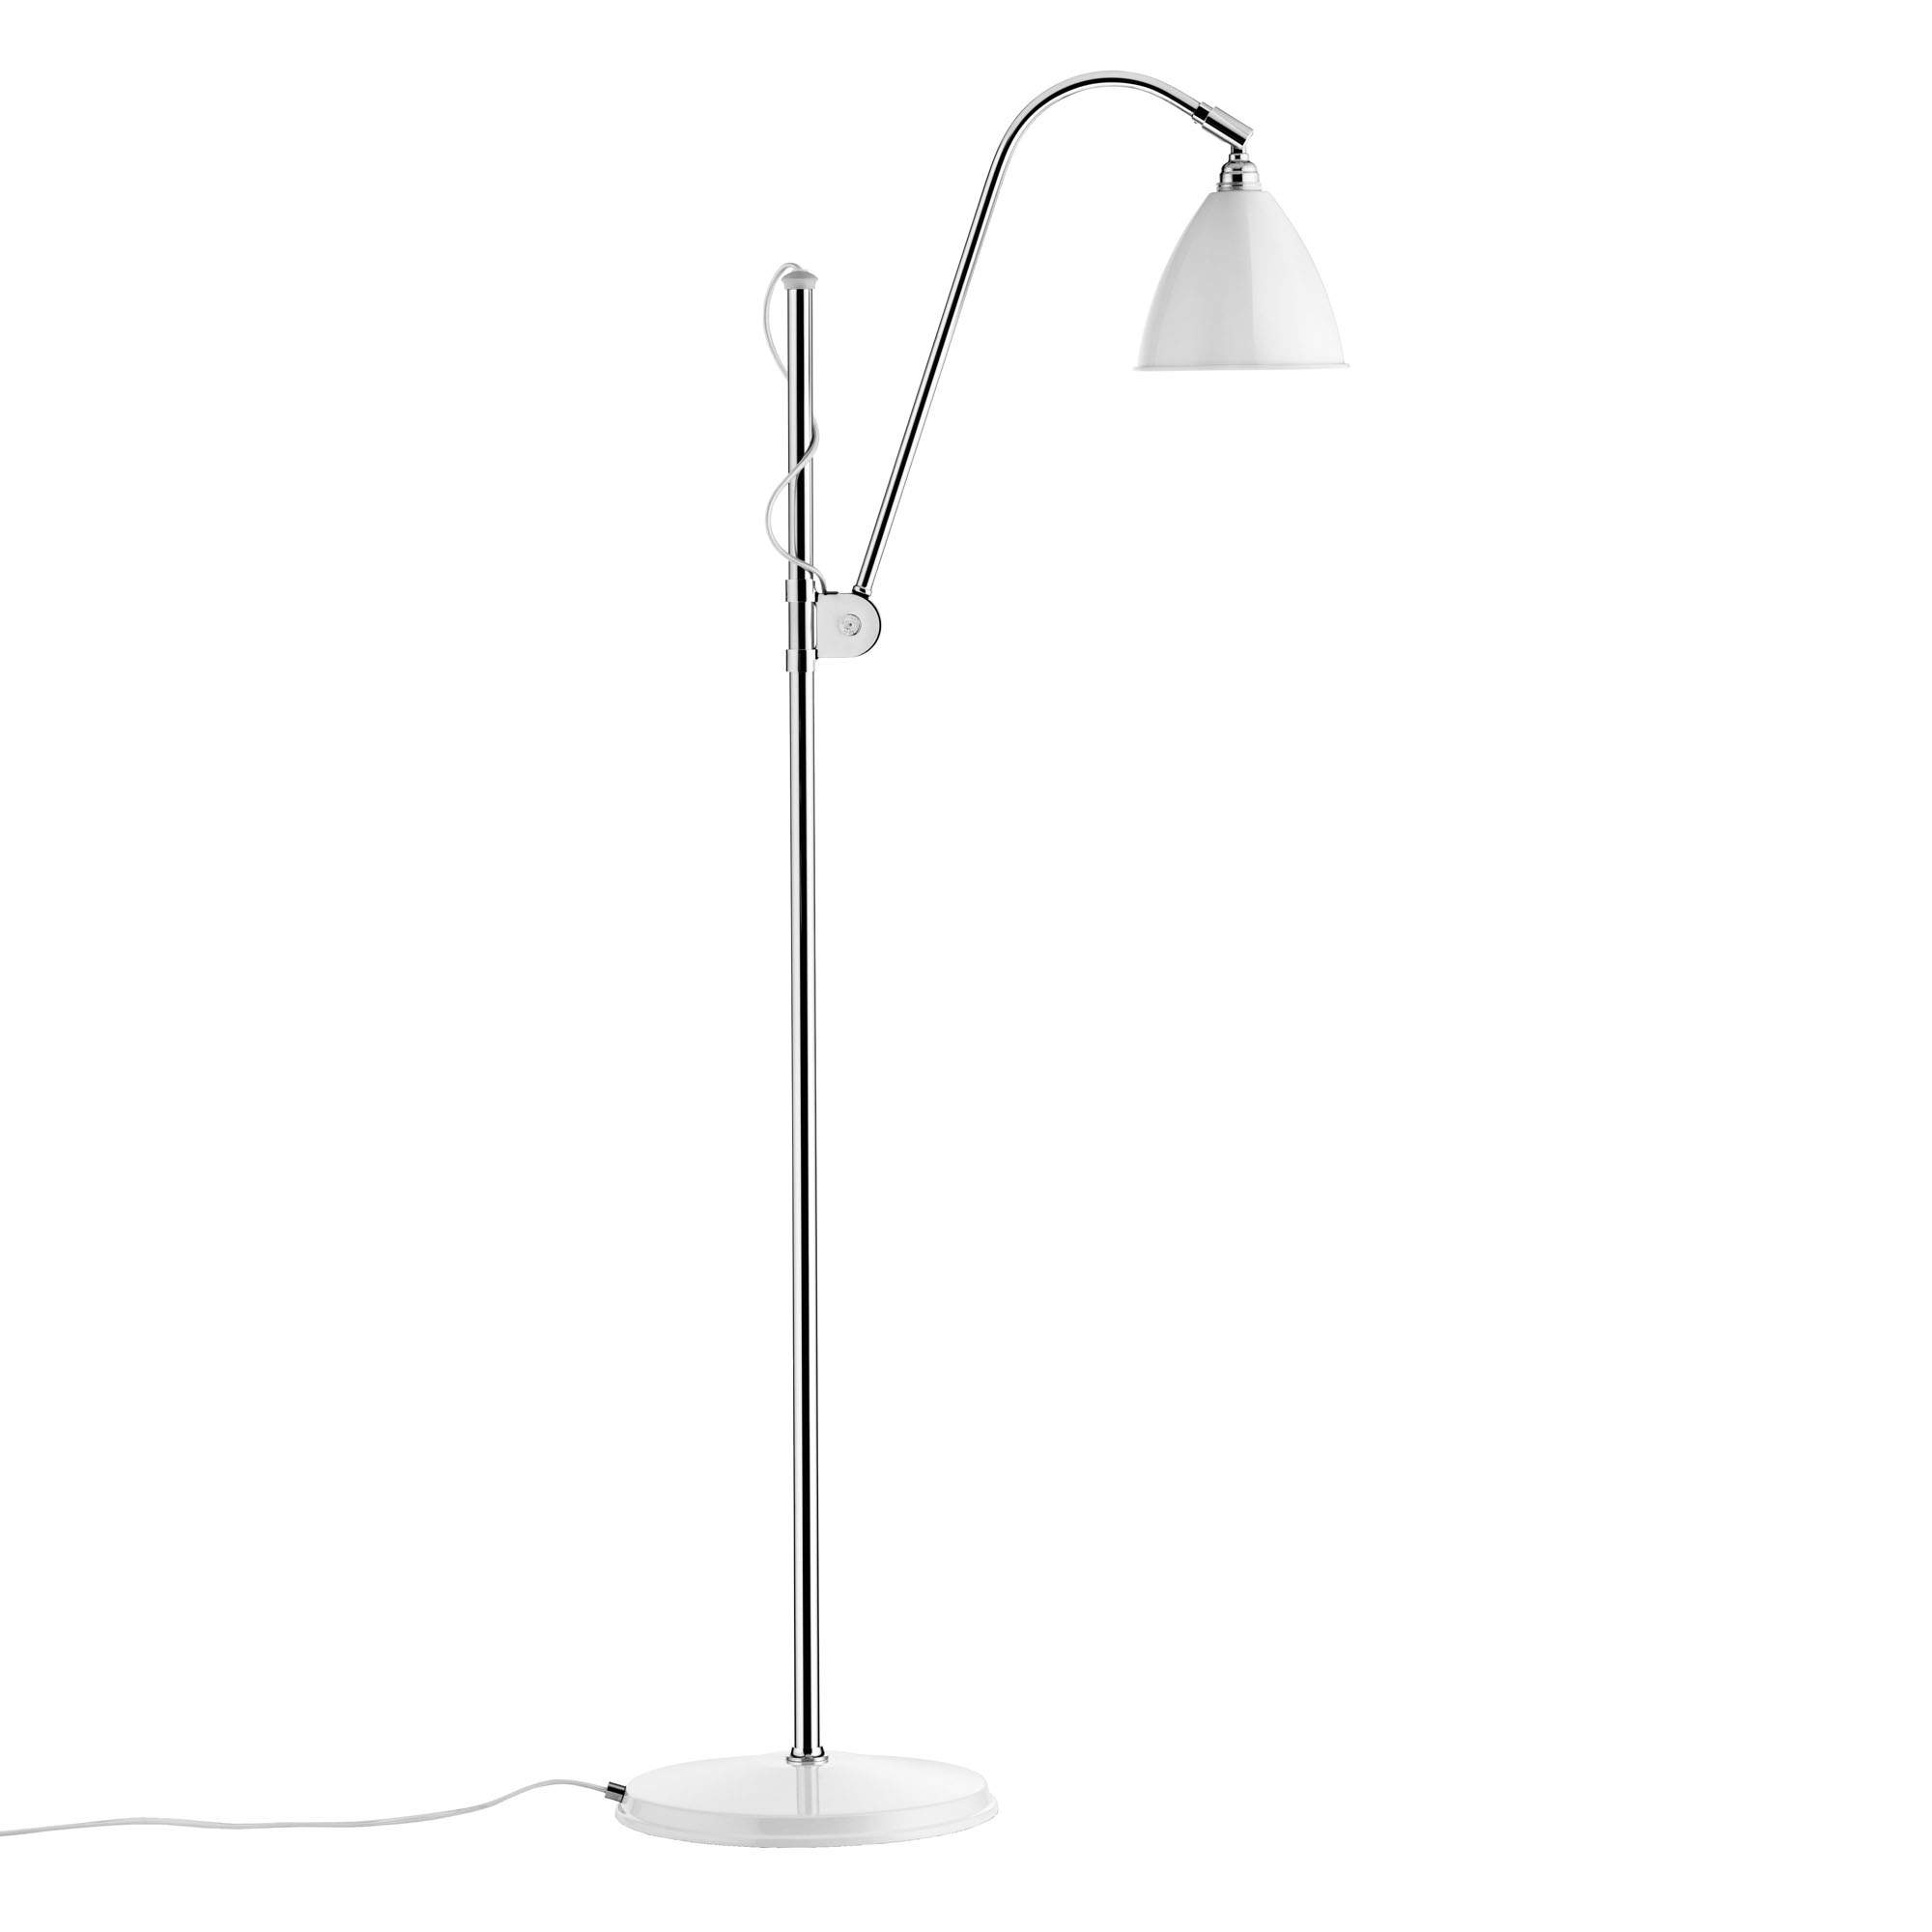 gubi designer stehlampe bestlite weiss chrom 091 03 01 0006 01